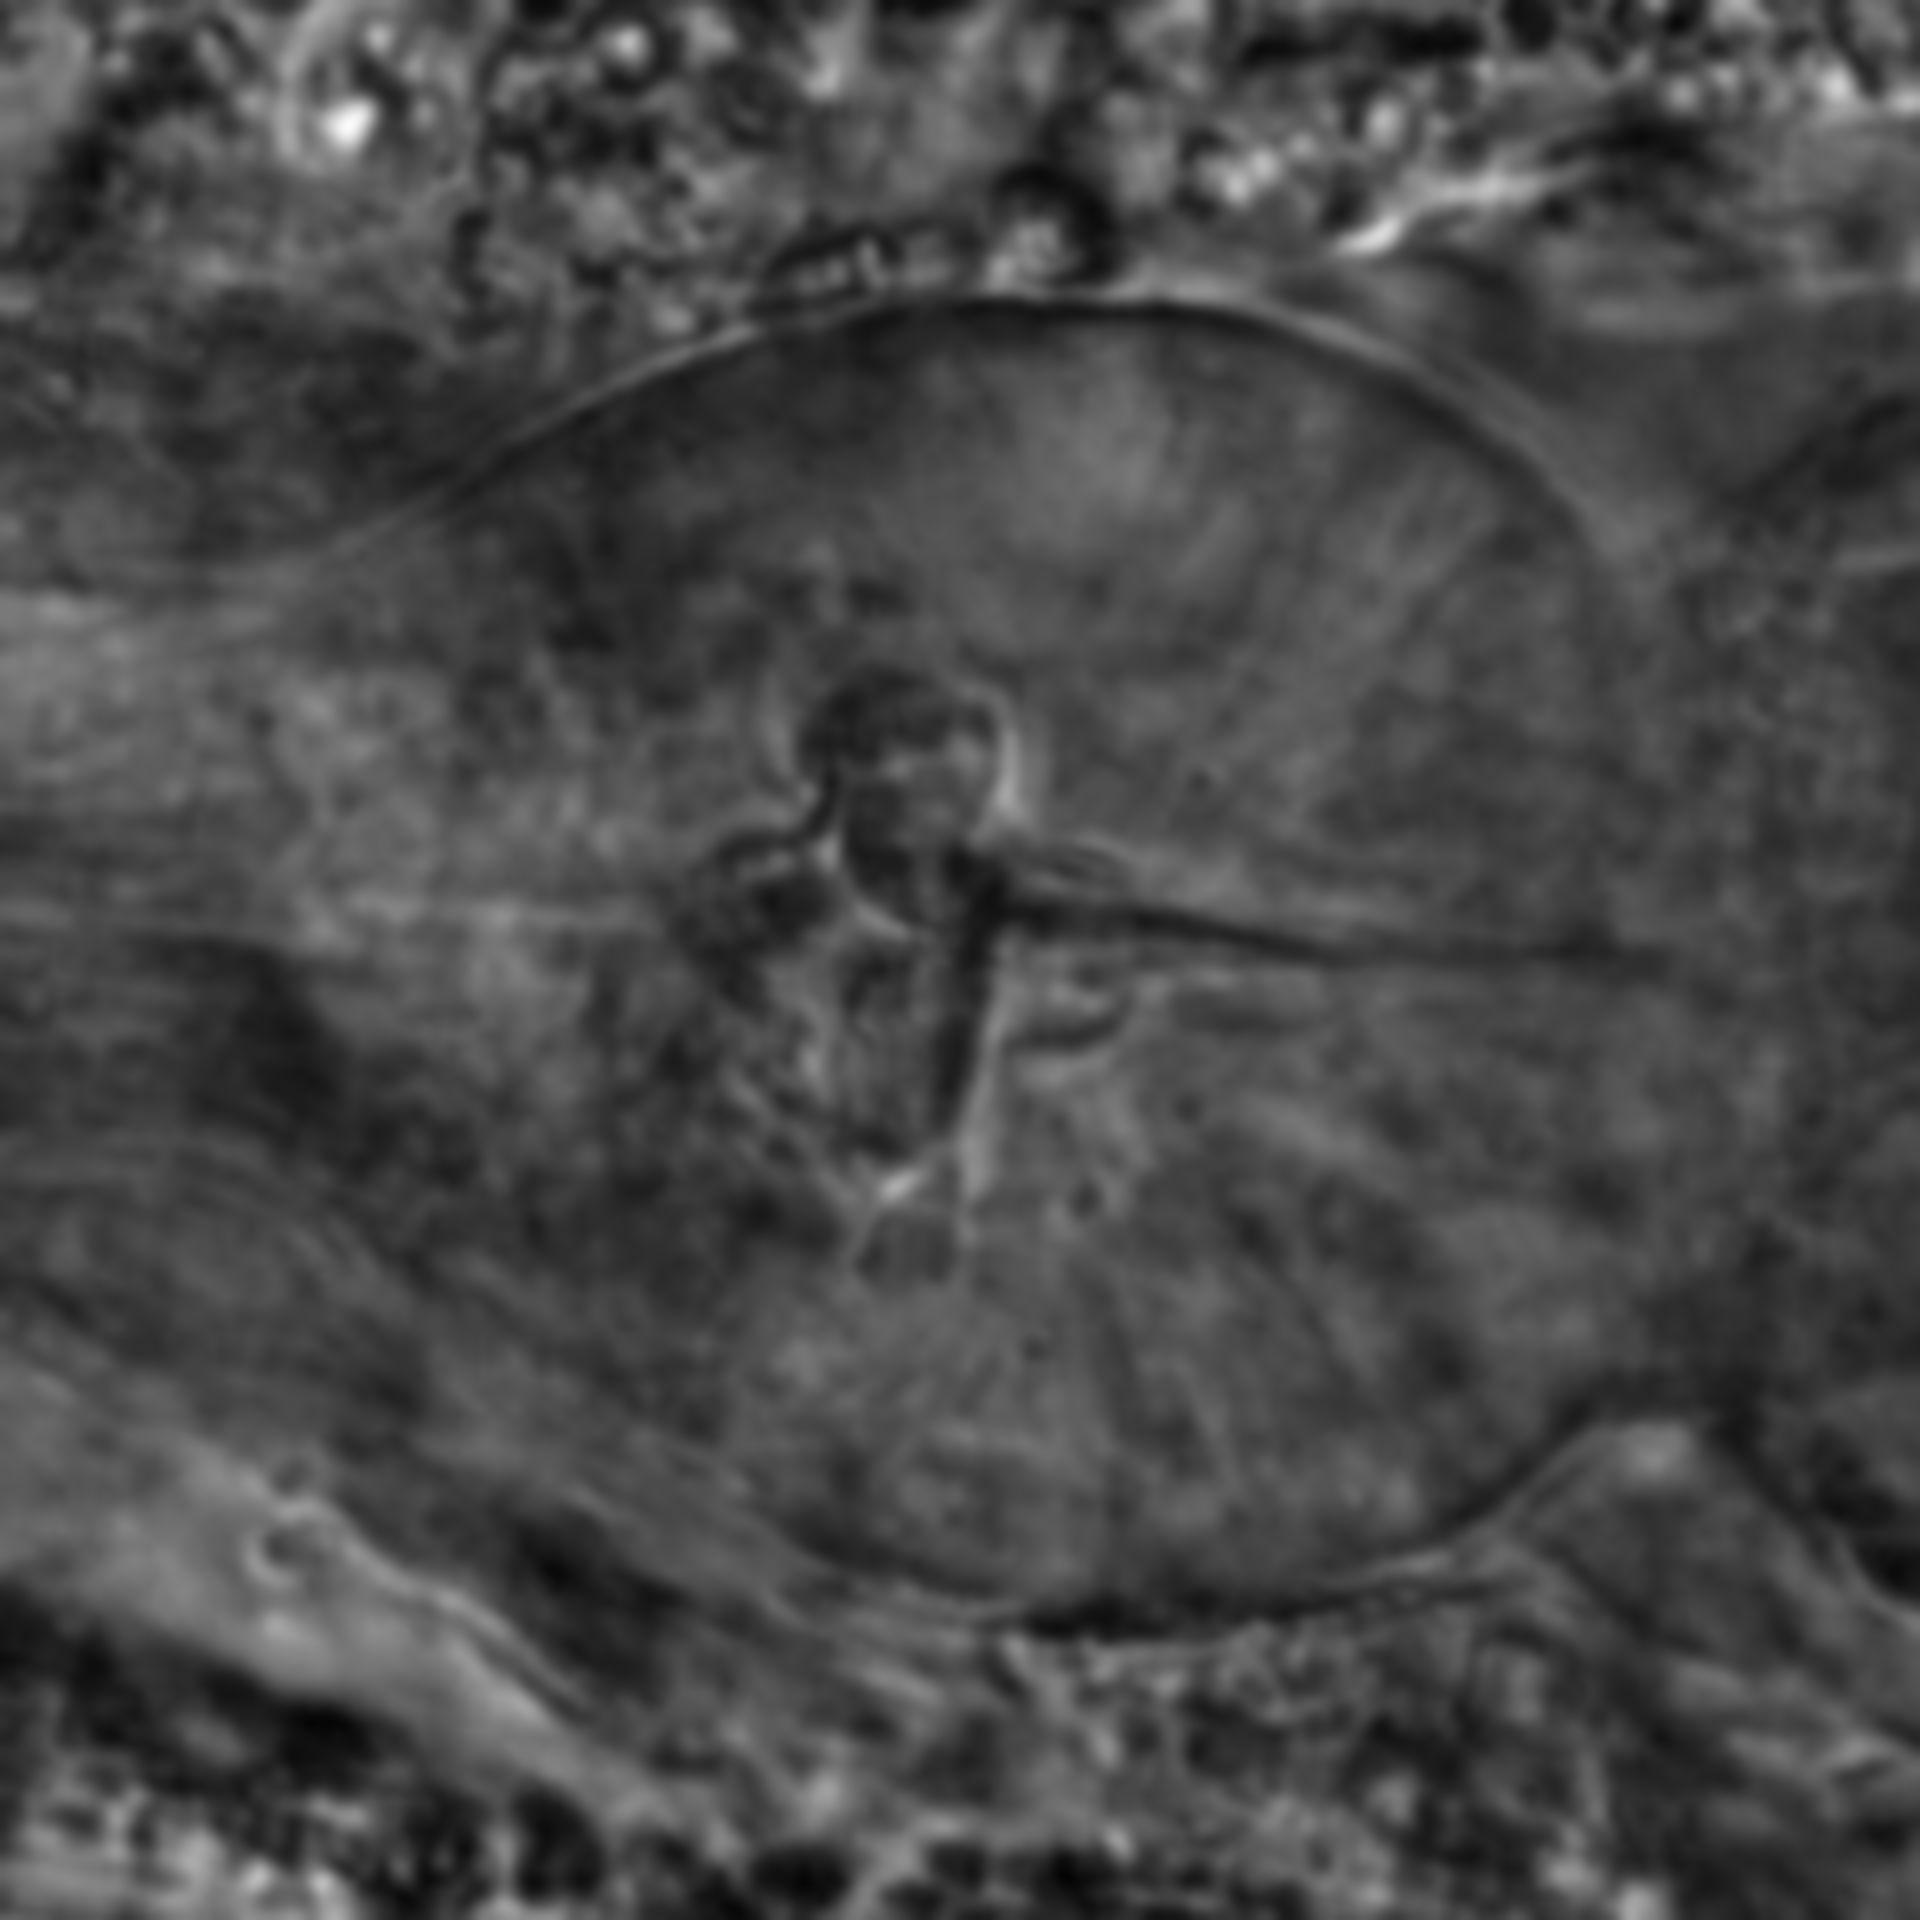 Caenorhabditis elegans - CIL:2124